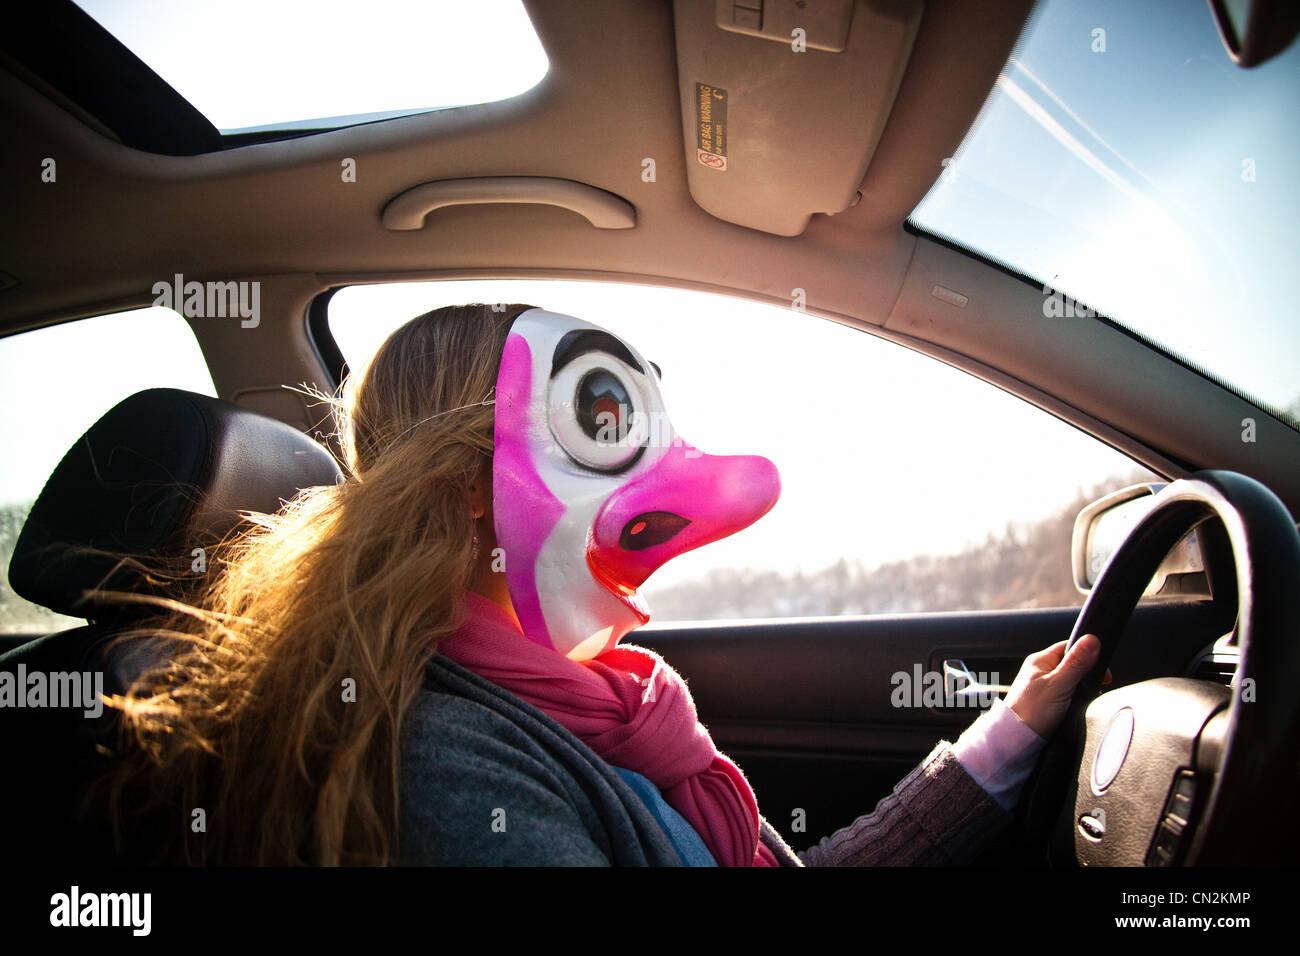 Donna alla guida di auto indossando maschera clown Immagini Stock